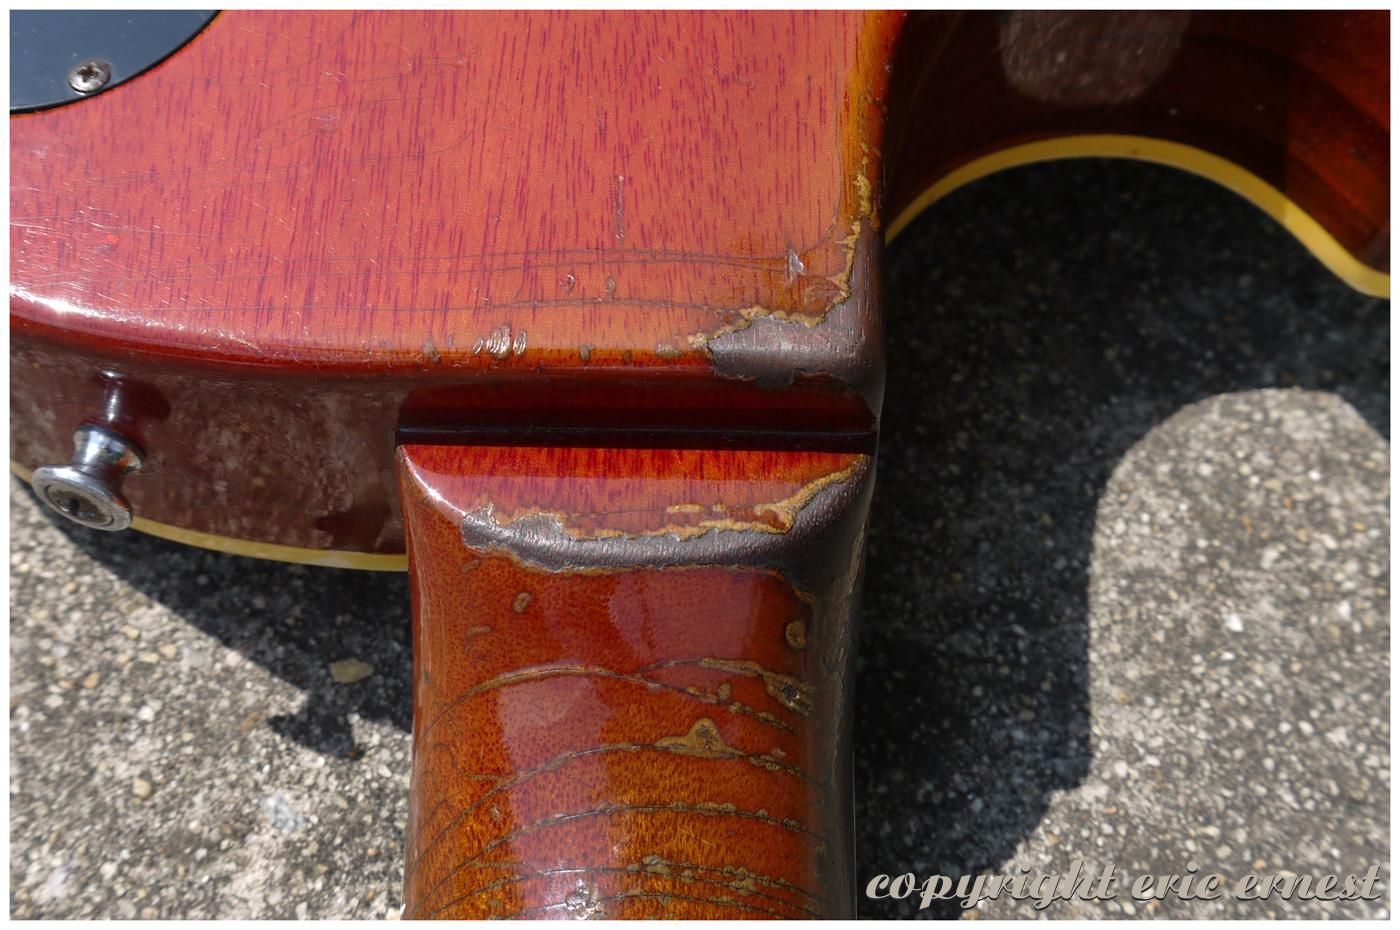 1959_gibson_les_paul_standard_guitar_bur